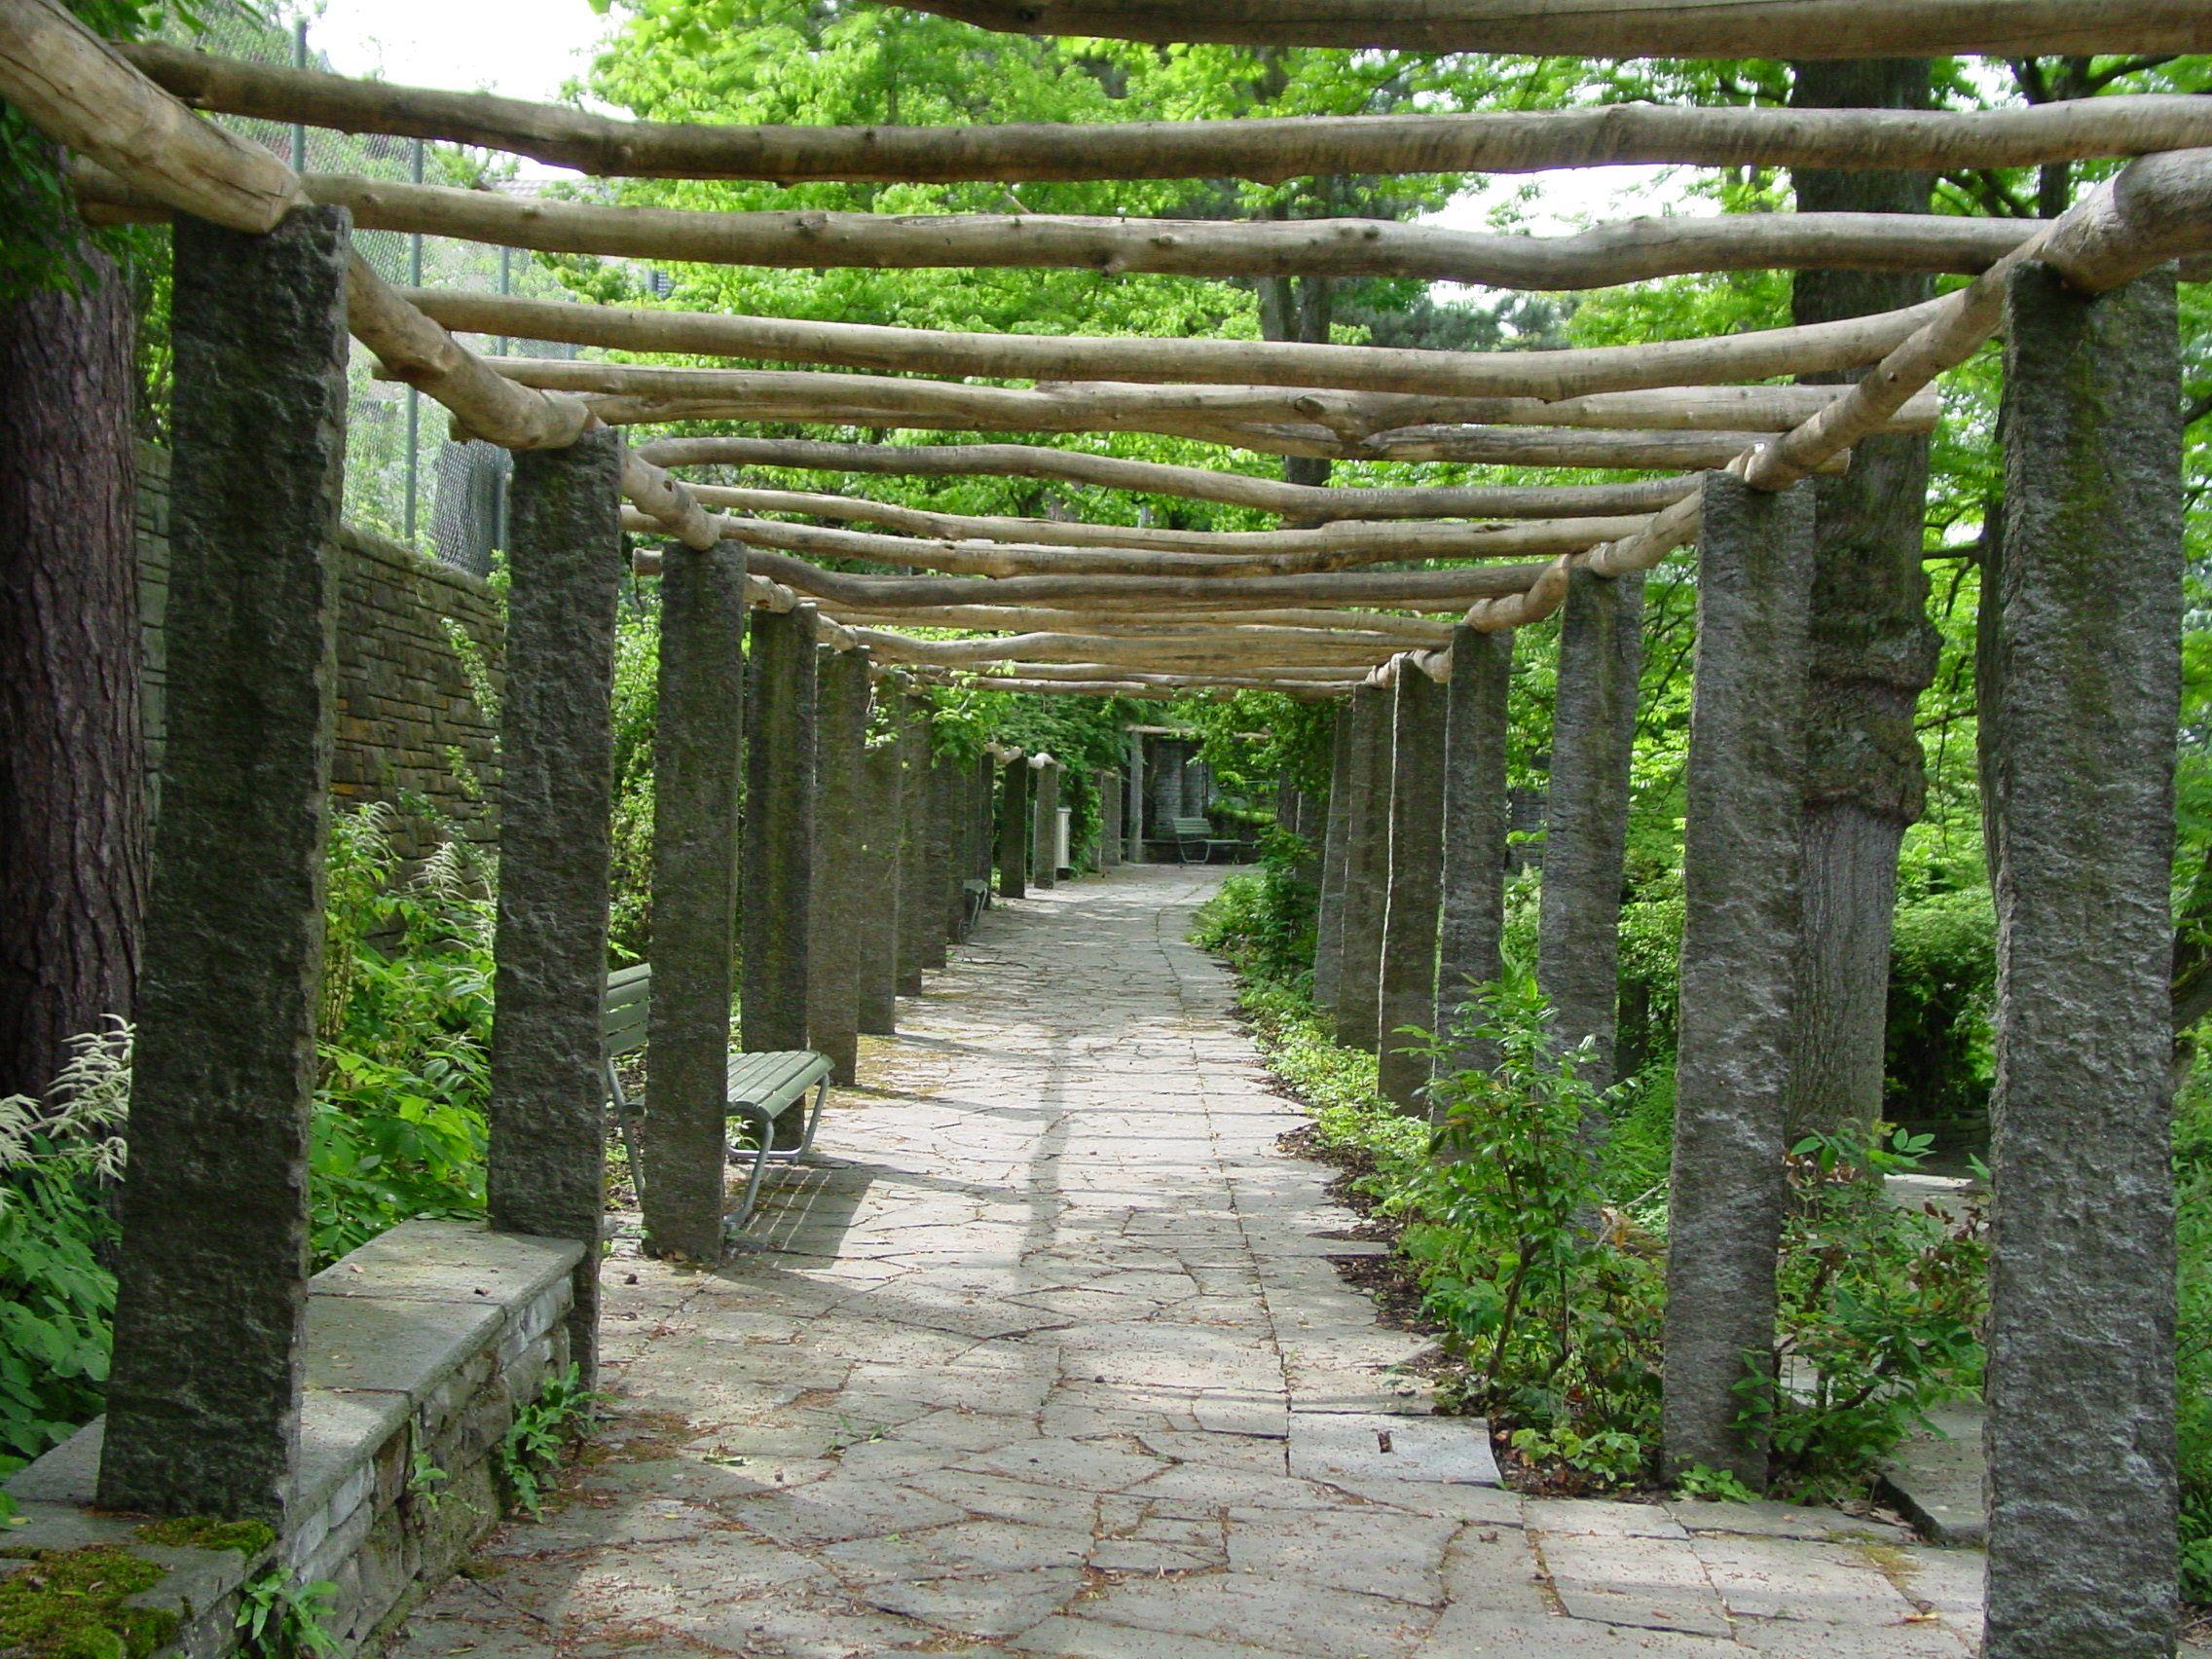 Tuin Houten Palen : Natuurstenen palen en grillige houten liggers vormen een